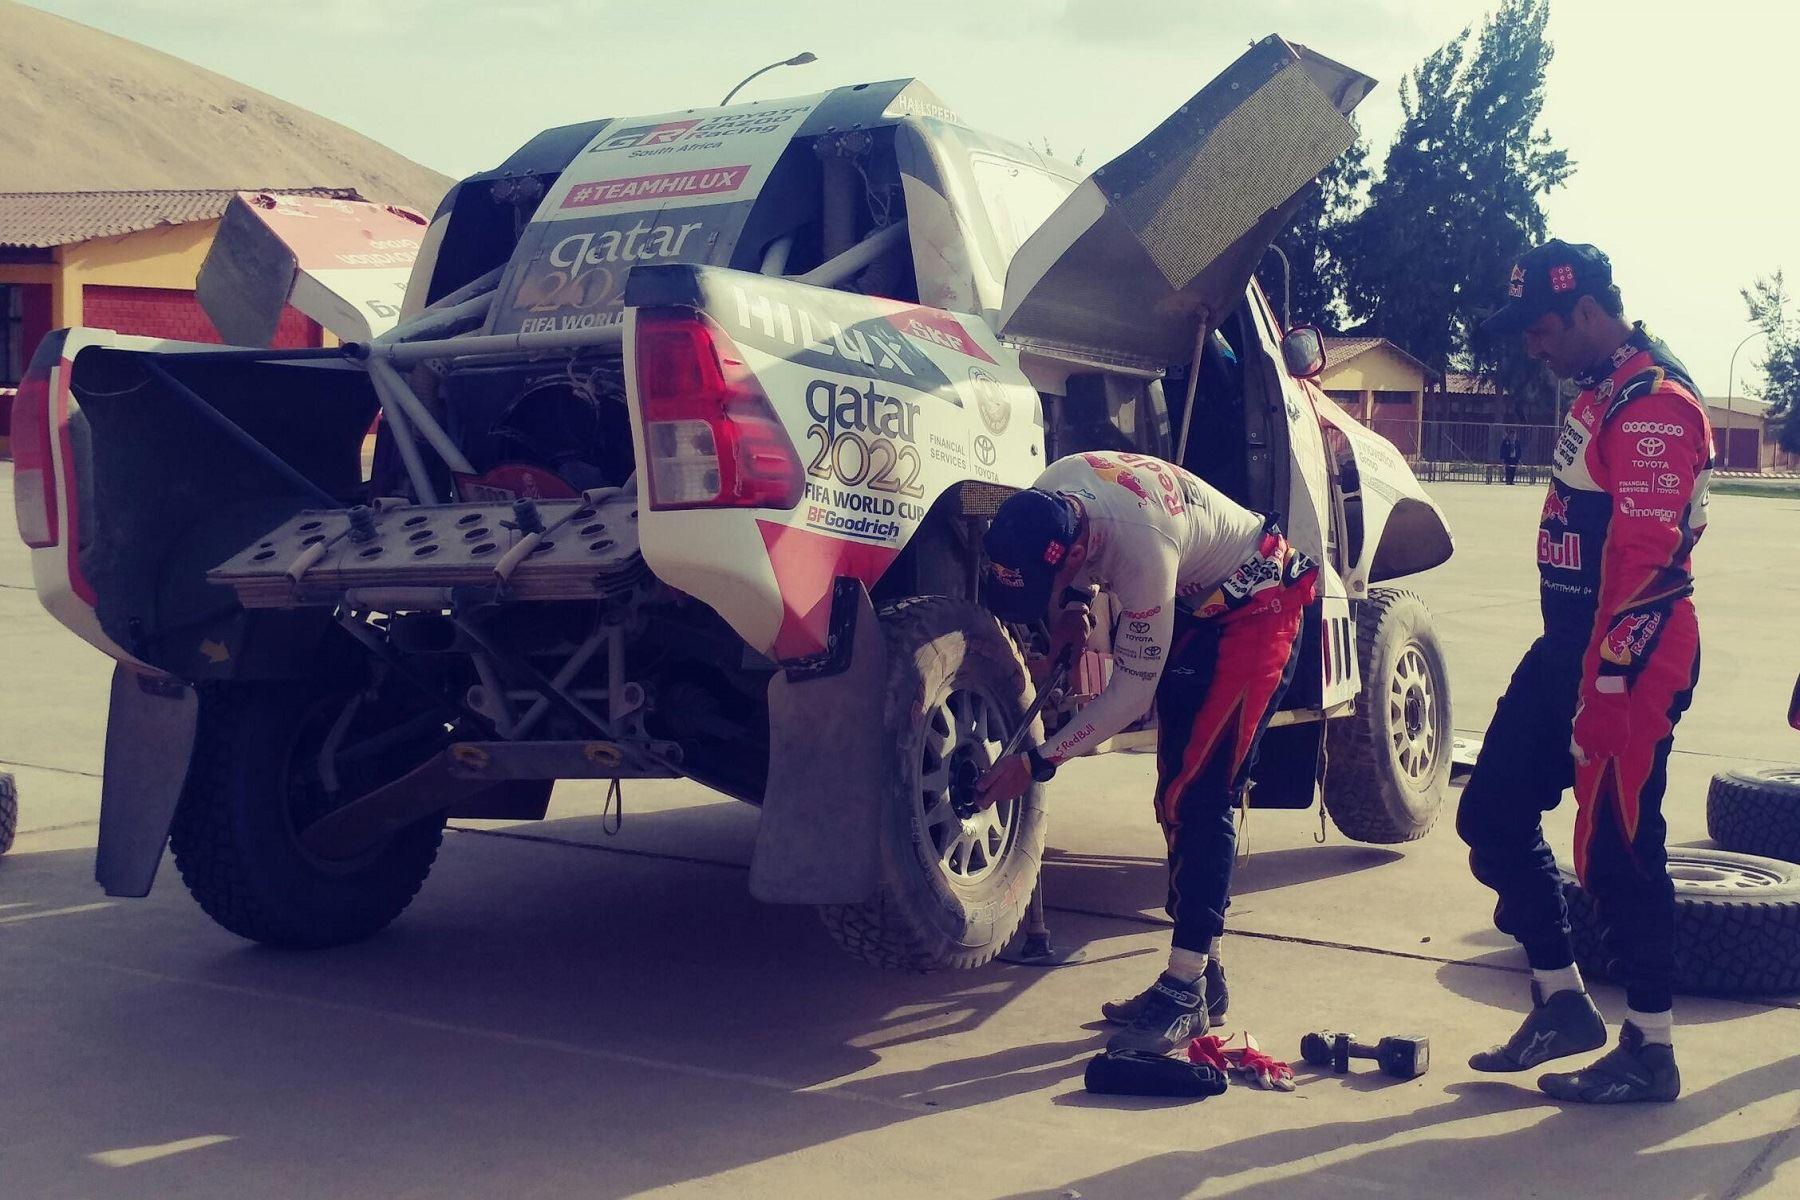 Líder de la general de autos, Nasser Al-Attiyah arregla su vehículo. Foto: Lenin Lobatón/Andina.